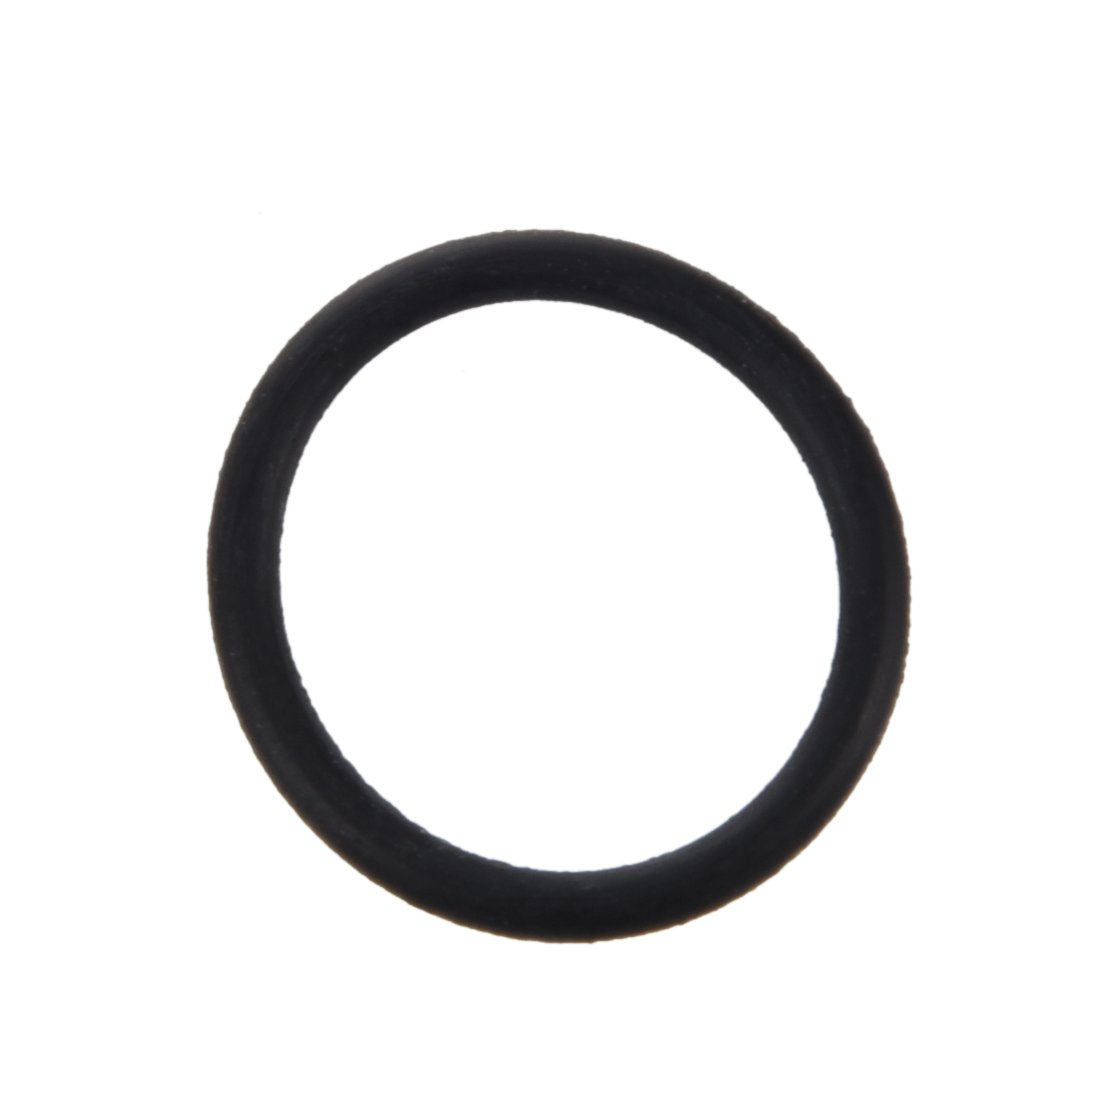 Dichtungsring // Wellendichtring // O-Ring Dichtungsring Kautschuk R TOOGOO 10 Stueck Schwarz 20 x 2 mm